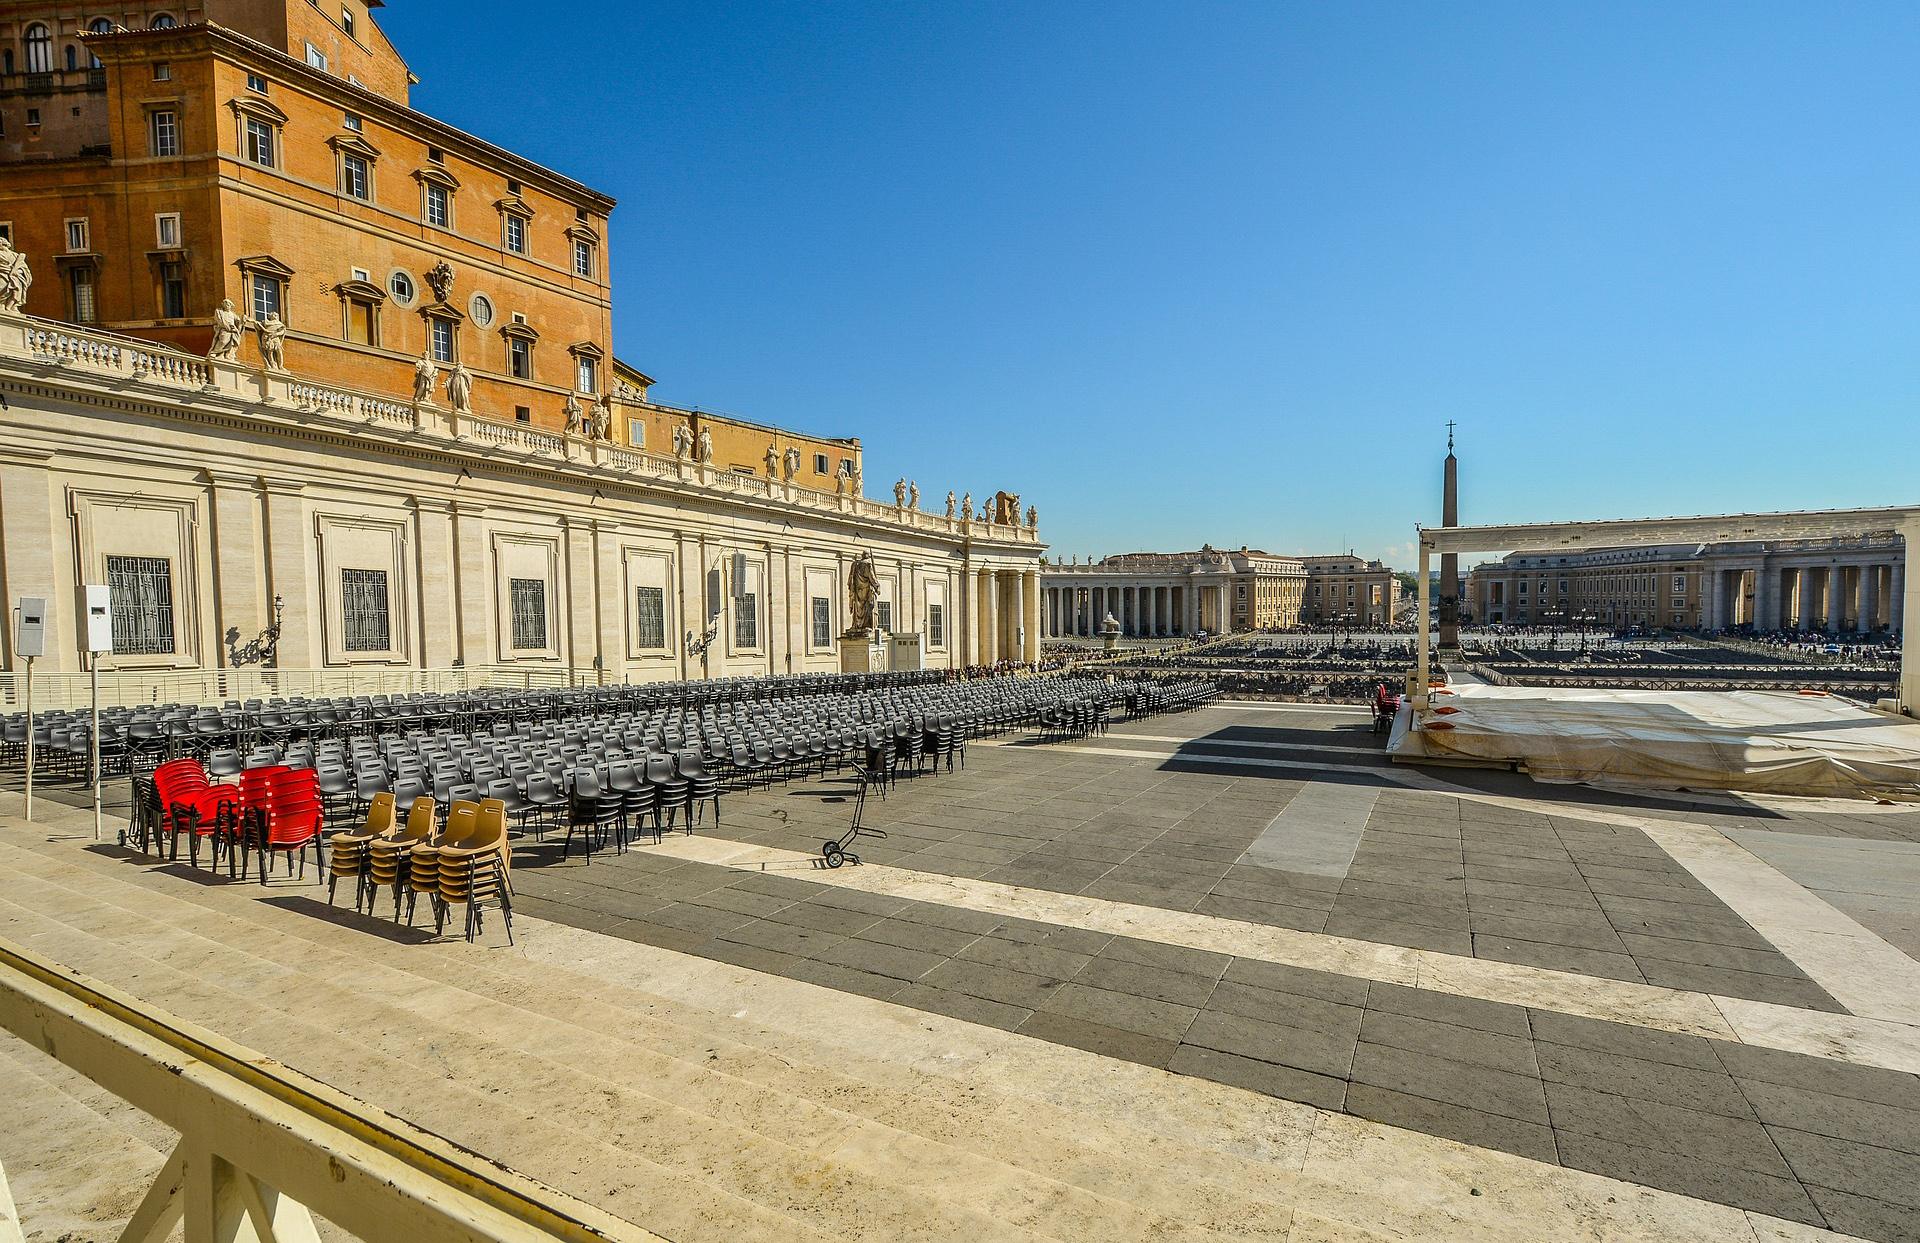 Katoliklerin merkezi Vatikan'da yolsuzlukla suçlanan üst düzey görevli istifa etti